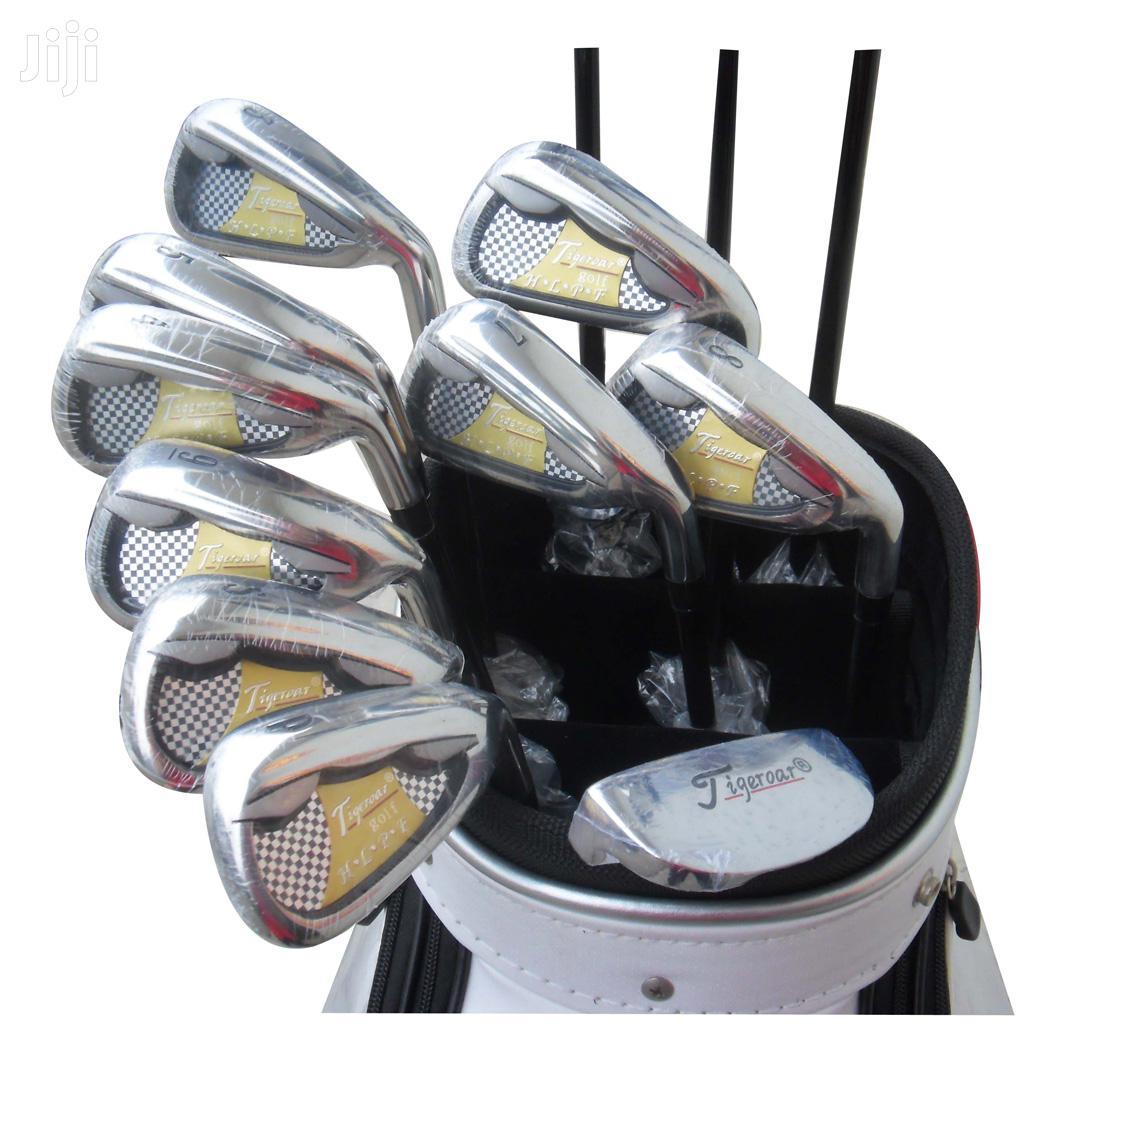 Mens Tigeroar Adult Golf Club Set